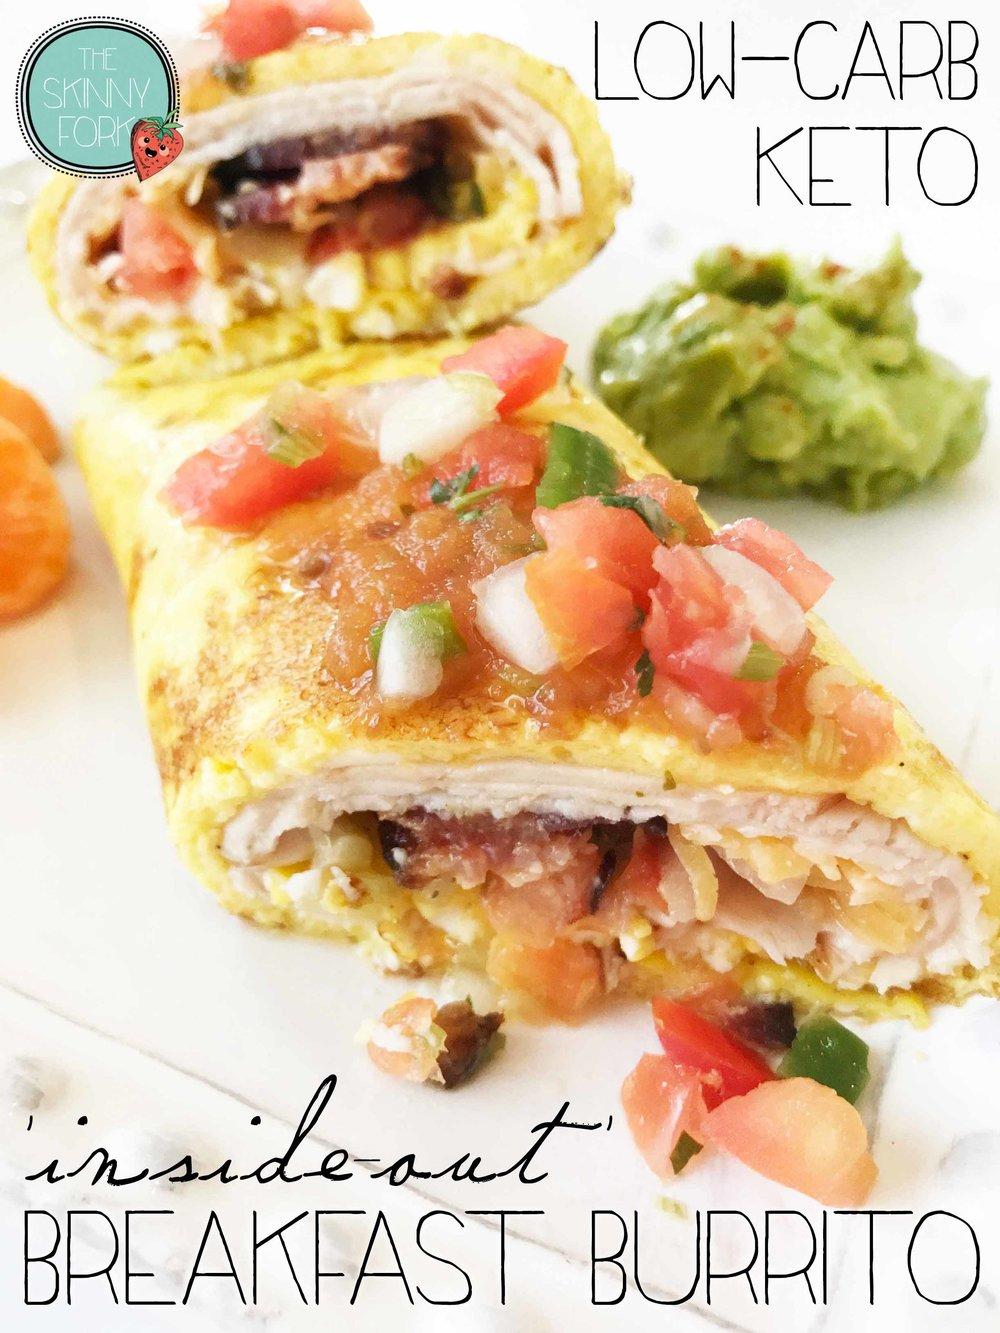 low-carb-breakfast-burrito-pin.jpg